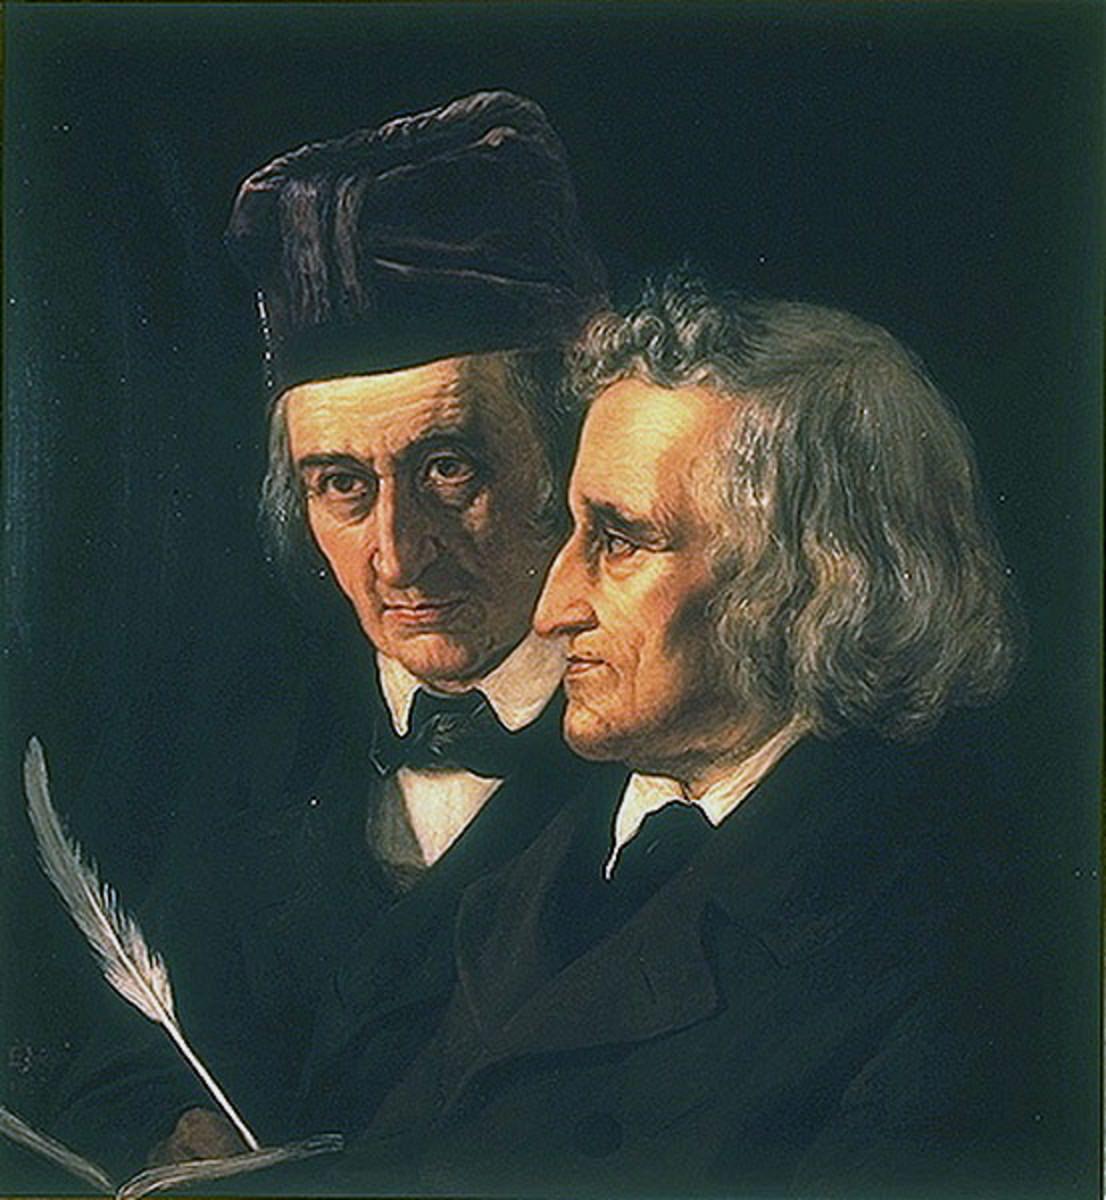 William and Jacob Grimm (1785-1863)